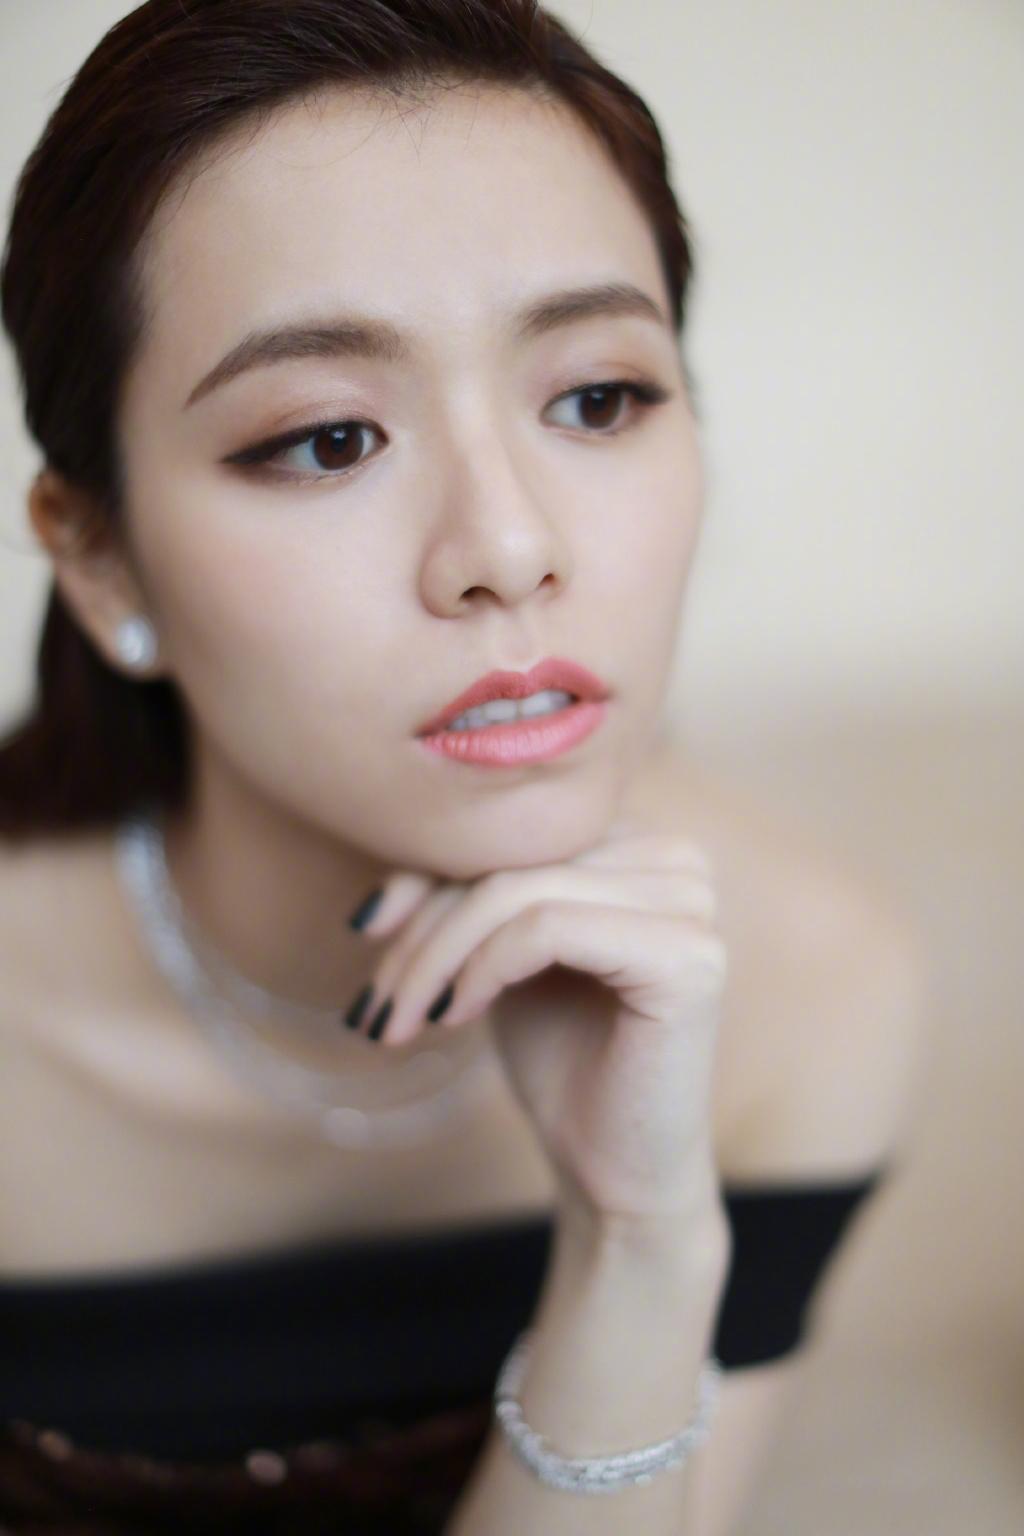 宋芸桦性感优雅写真图片